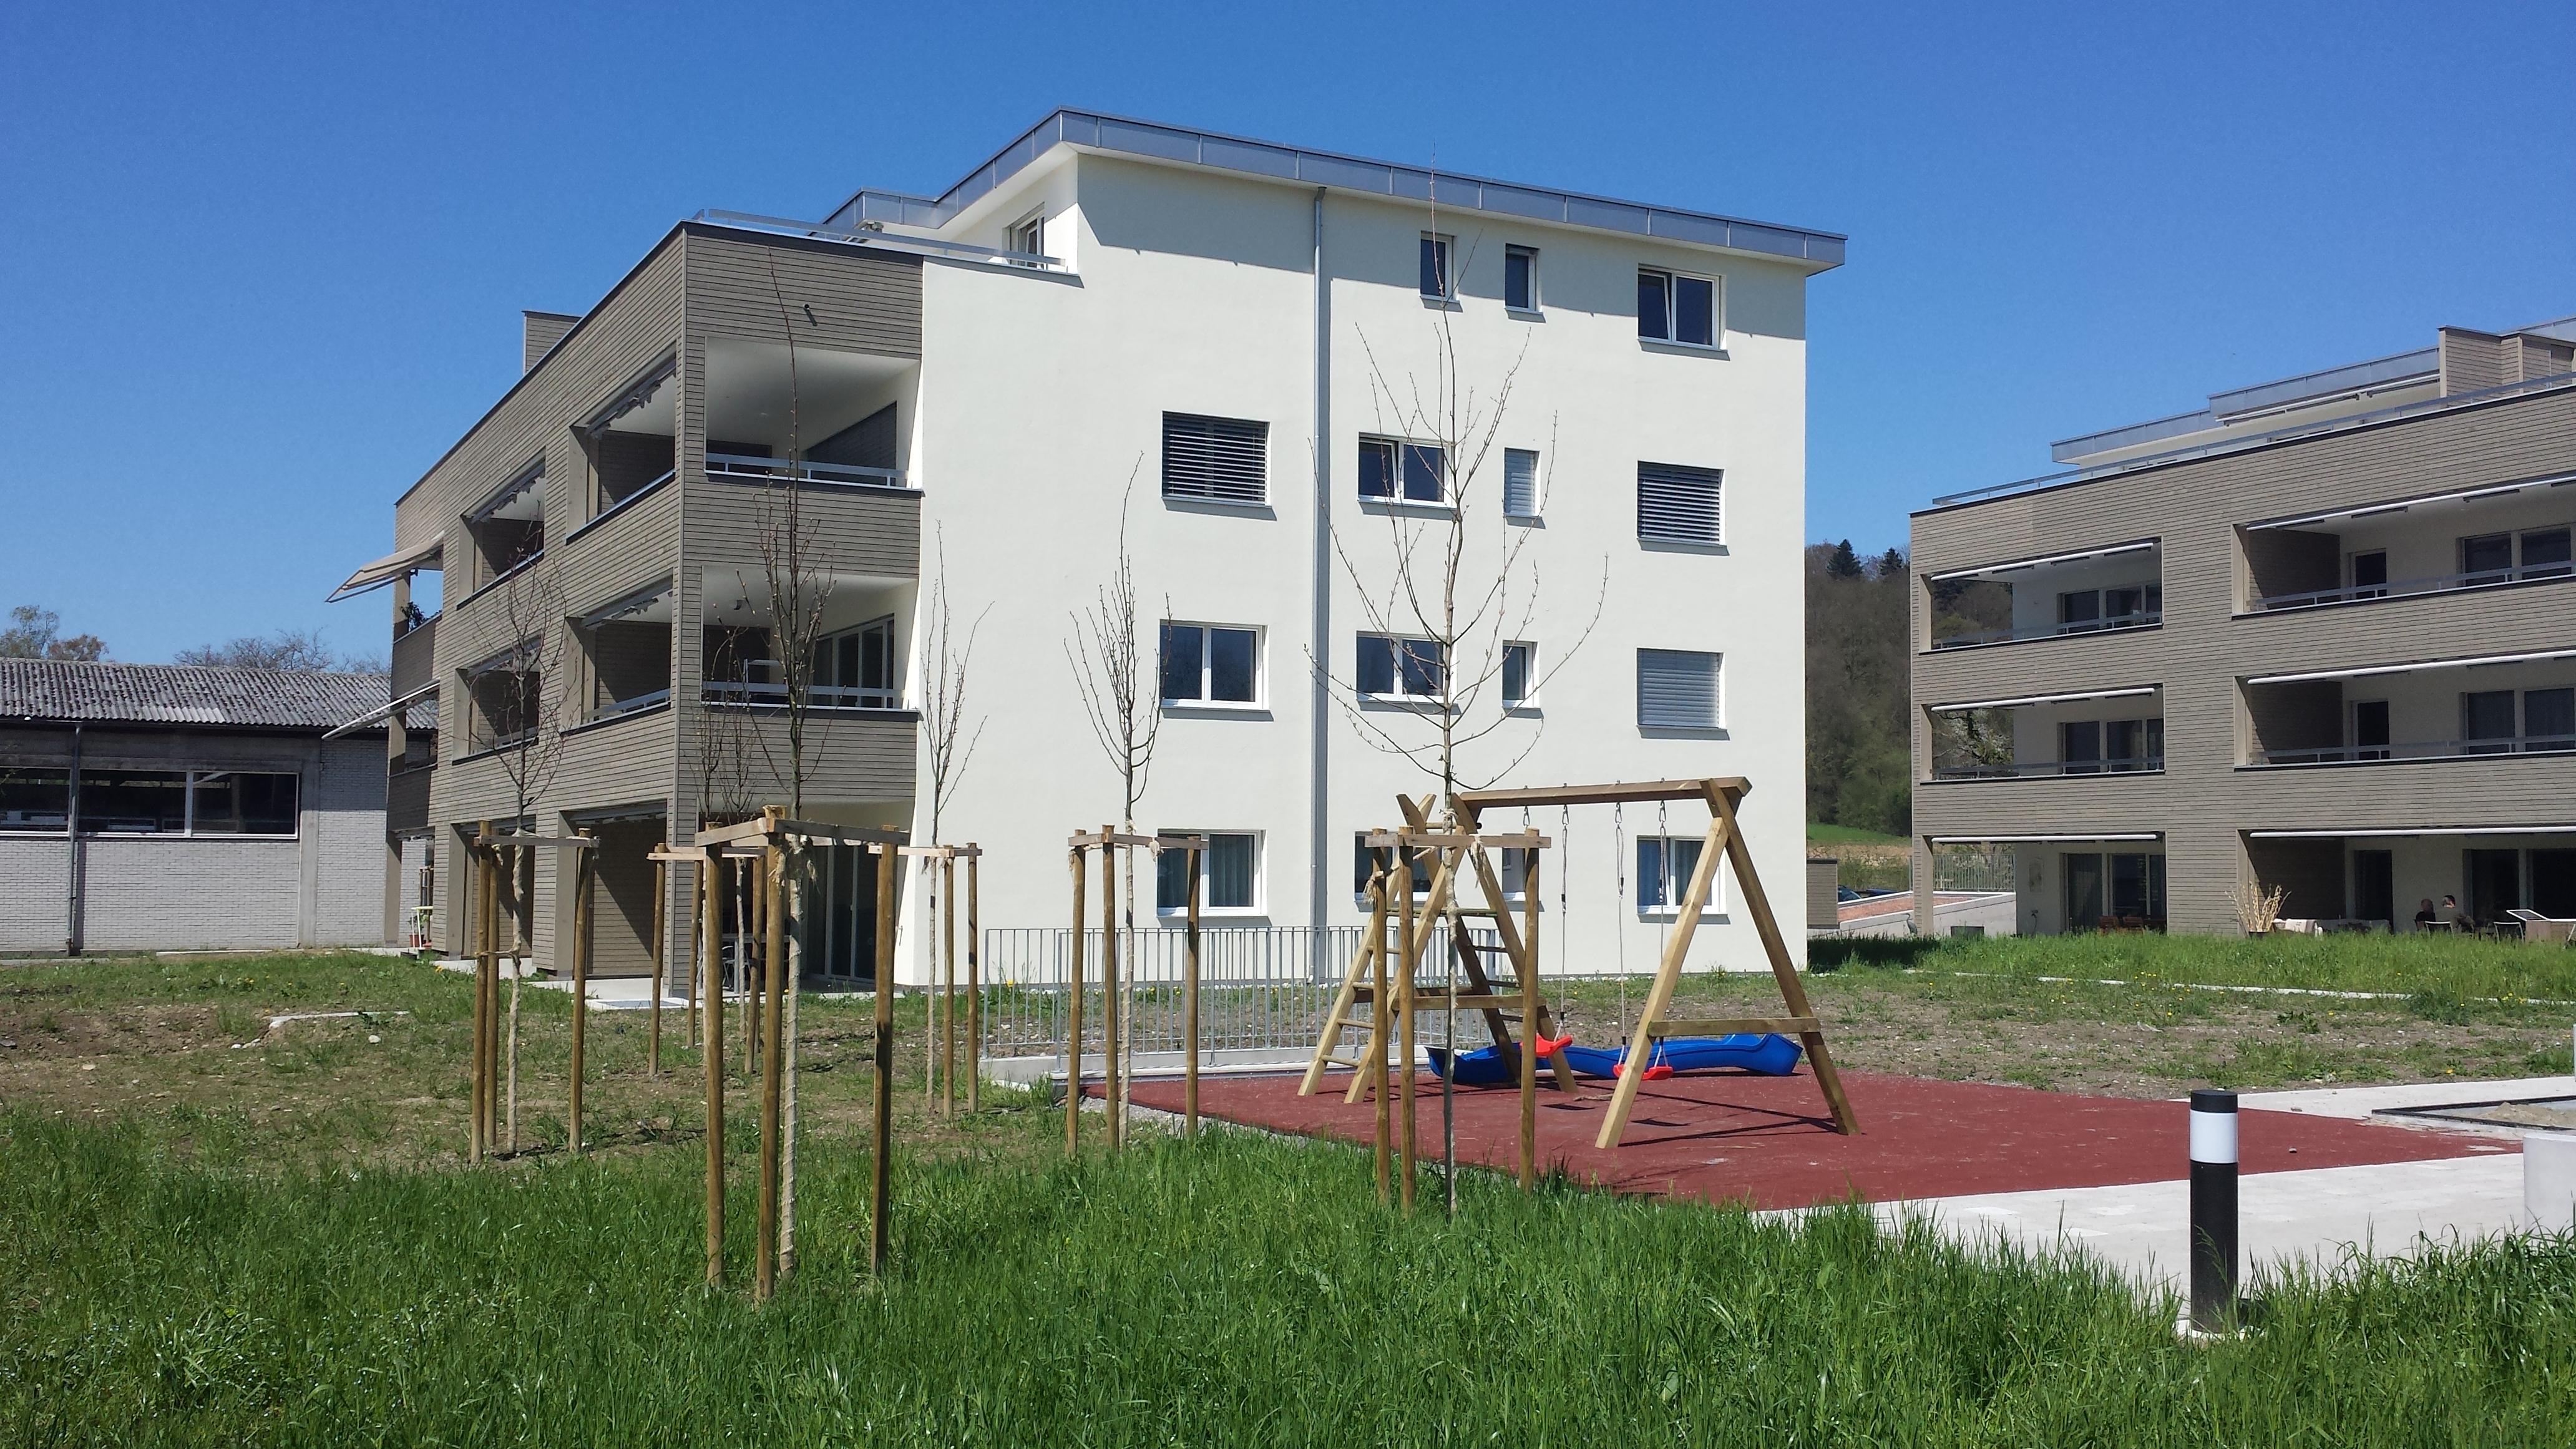 Ihr Partner für Mehrfamilienhaus-Sanierungen und Umbauarbeiten